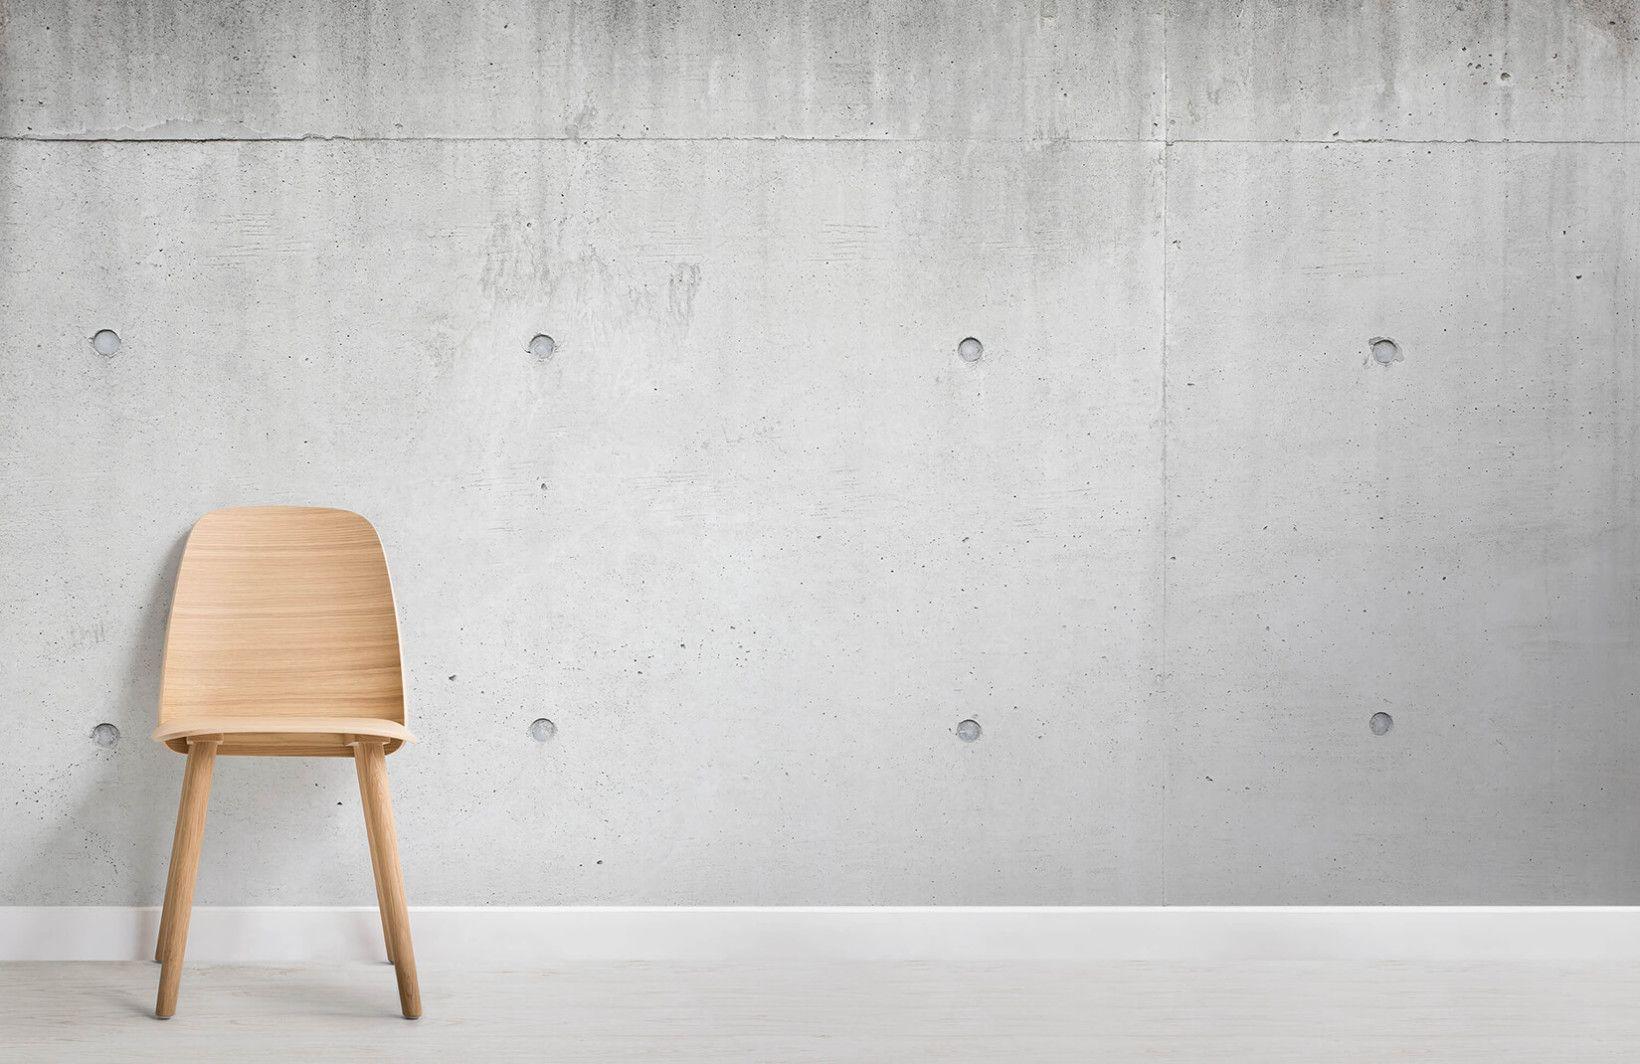 Papier Peint Blocs De Beton Modernes Murals Wallpaper Concrete Wallpaper Wall Texture Design Concrete Blocks